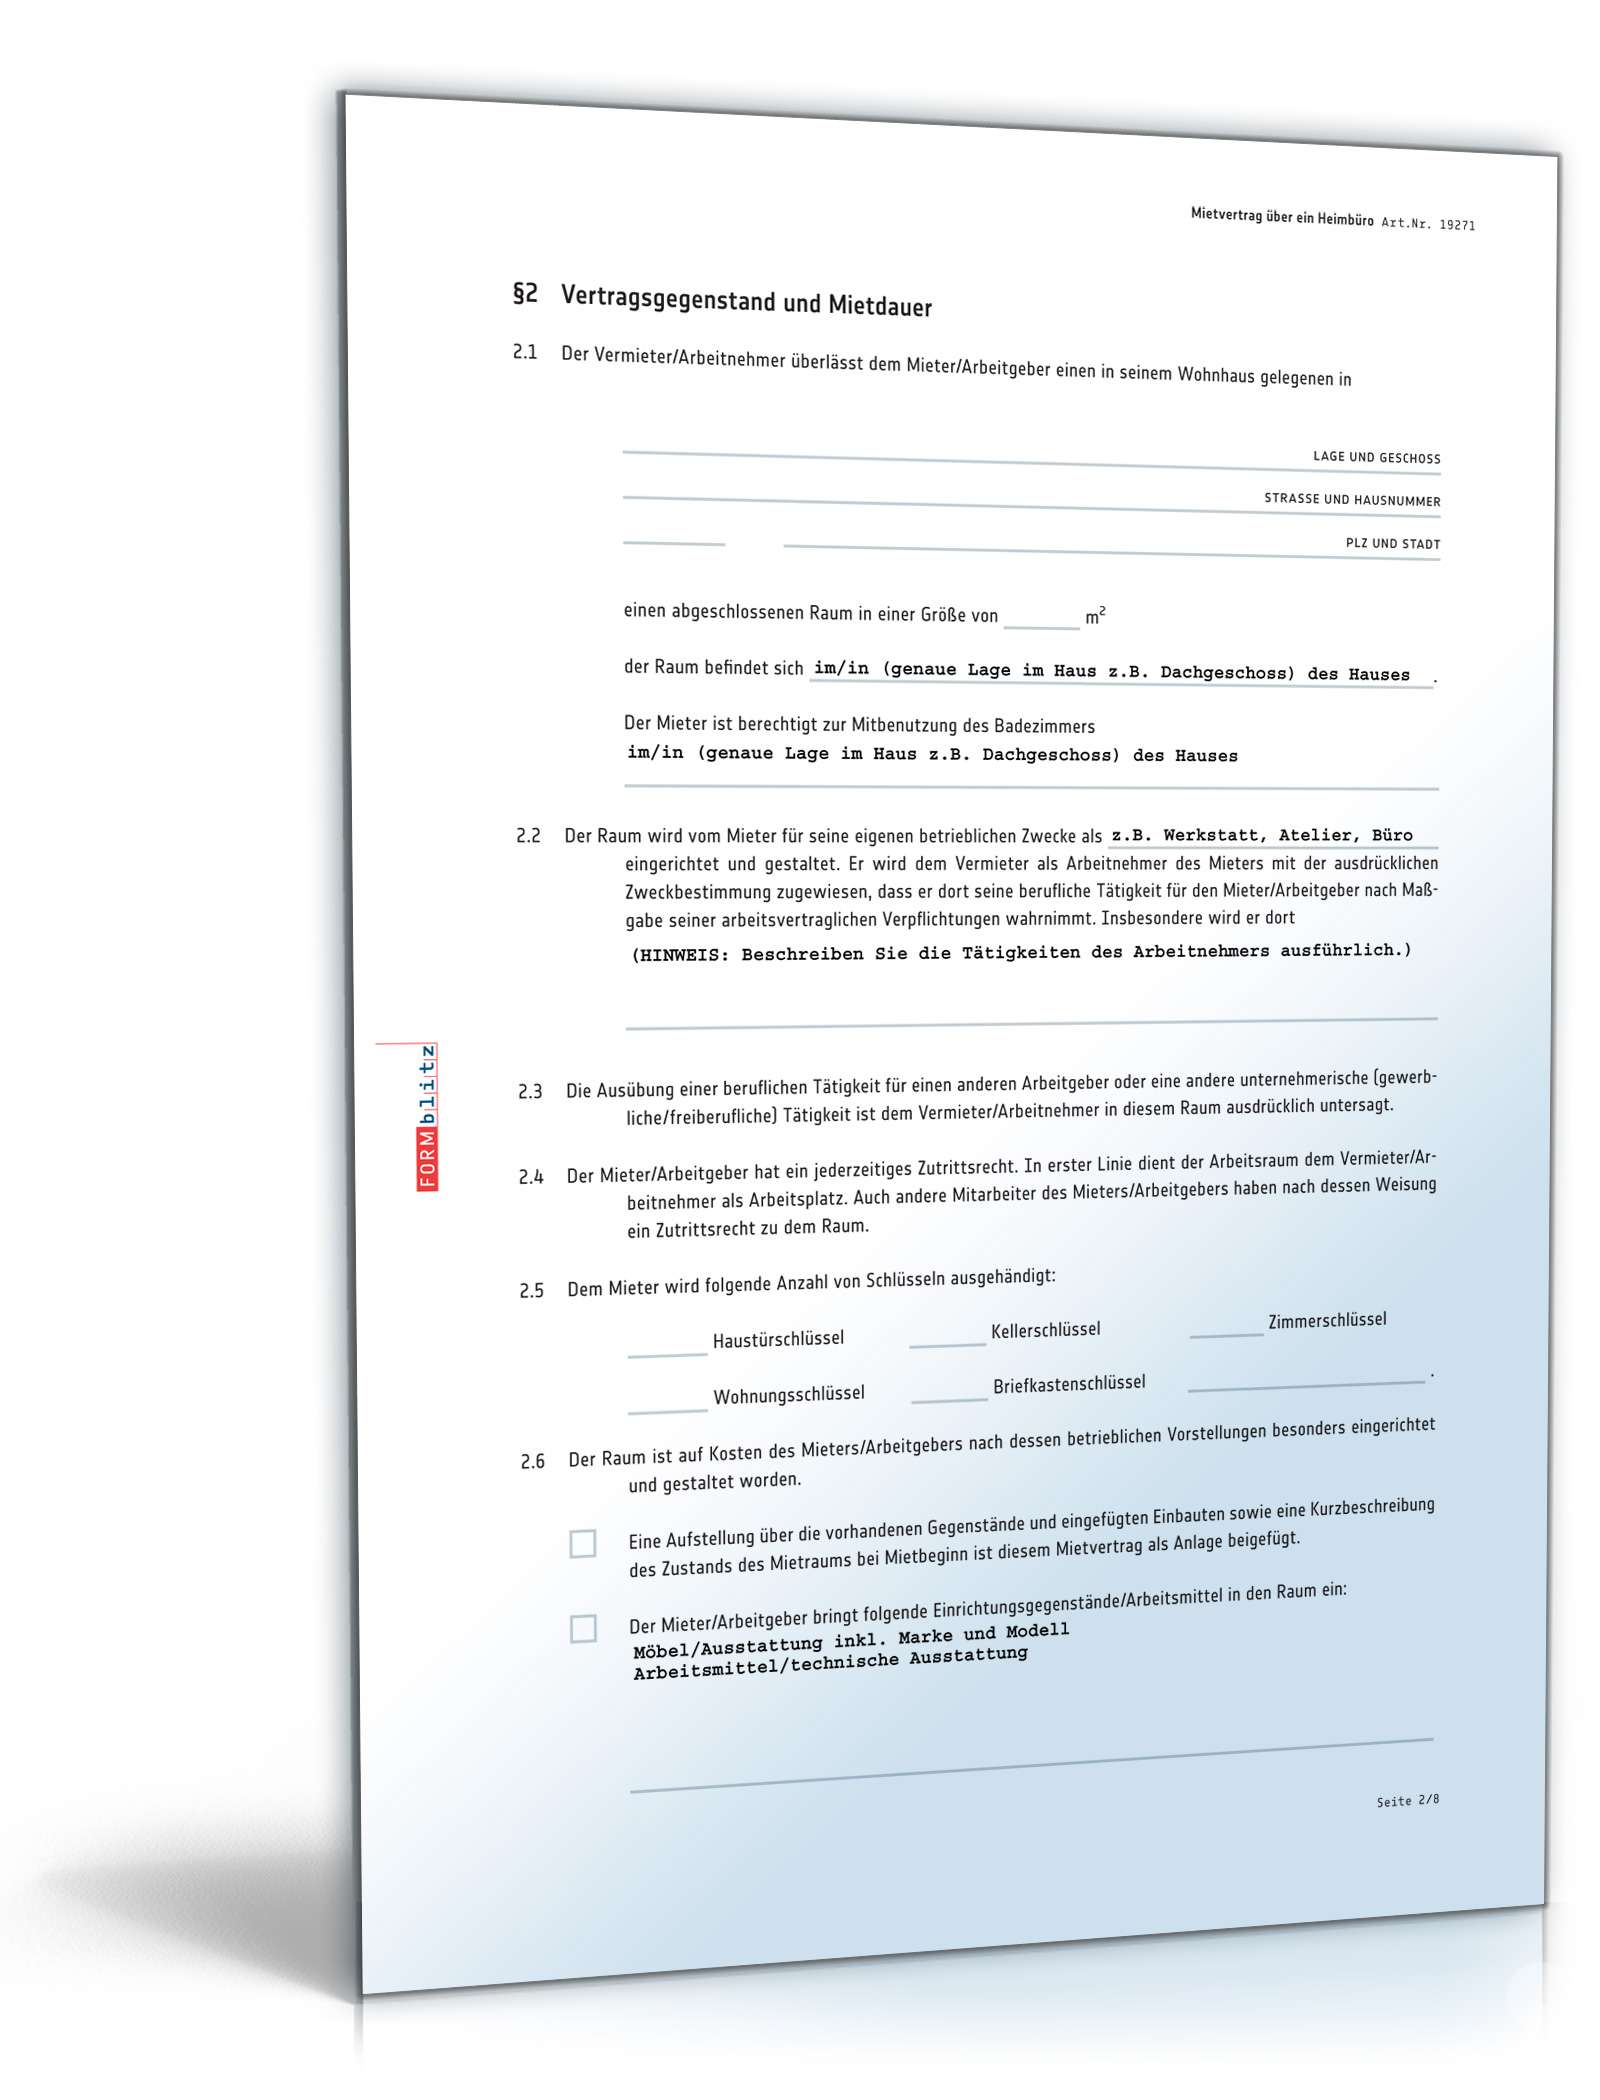 heimbuero mietvertrag muster - Mietvertrage Muster